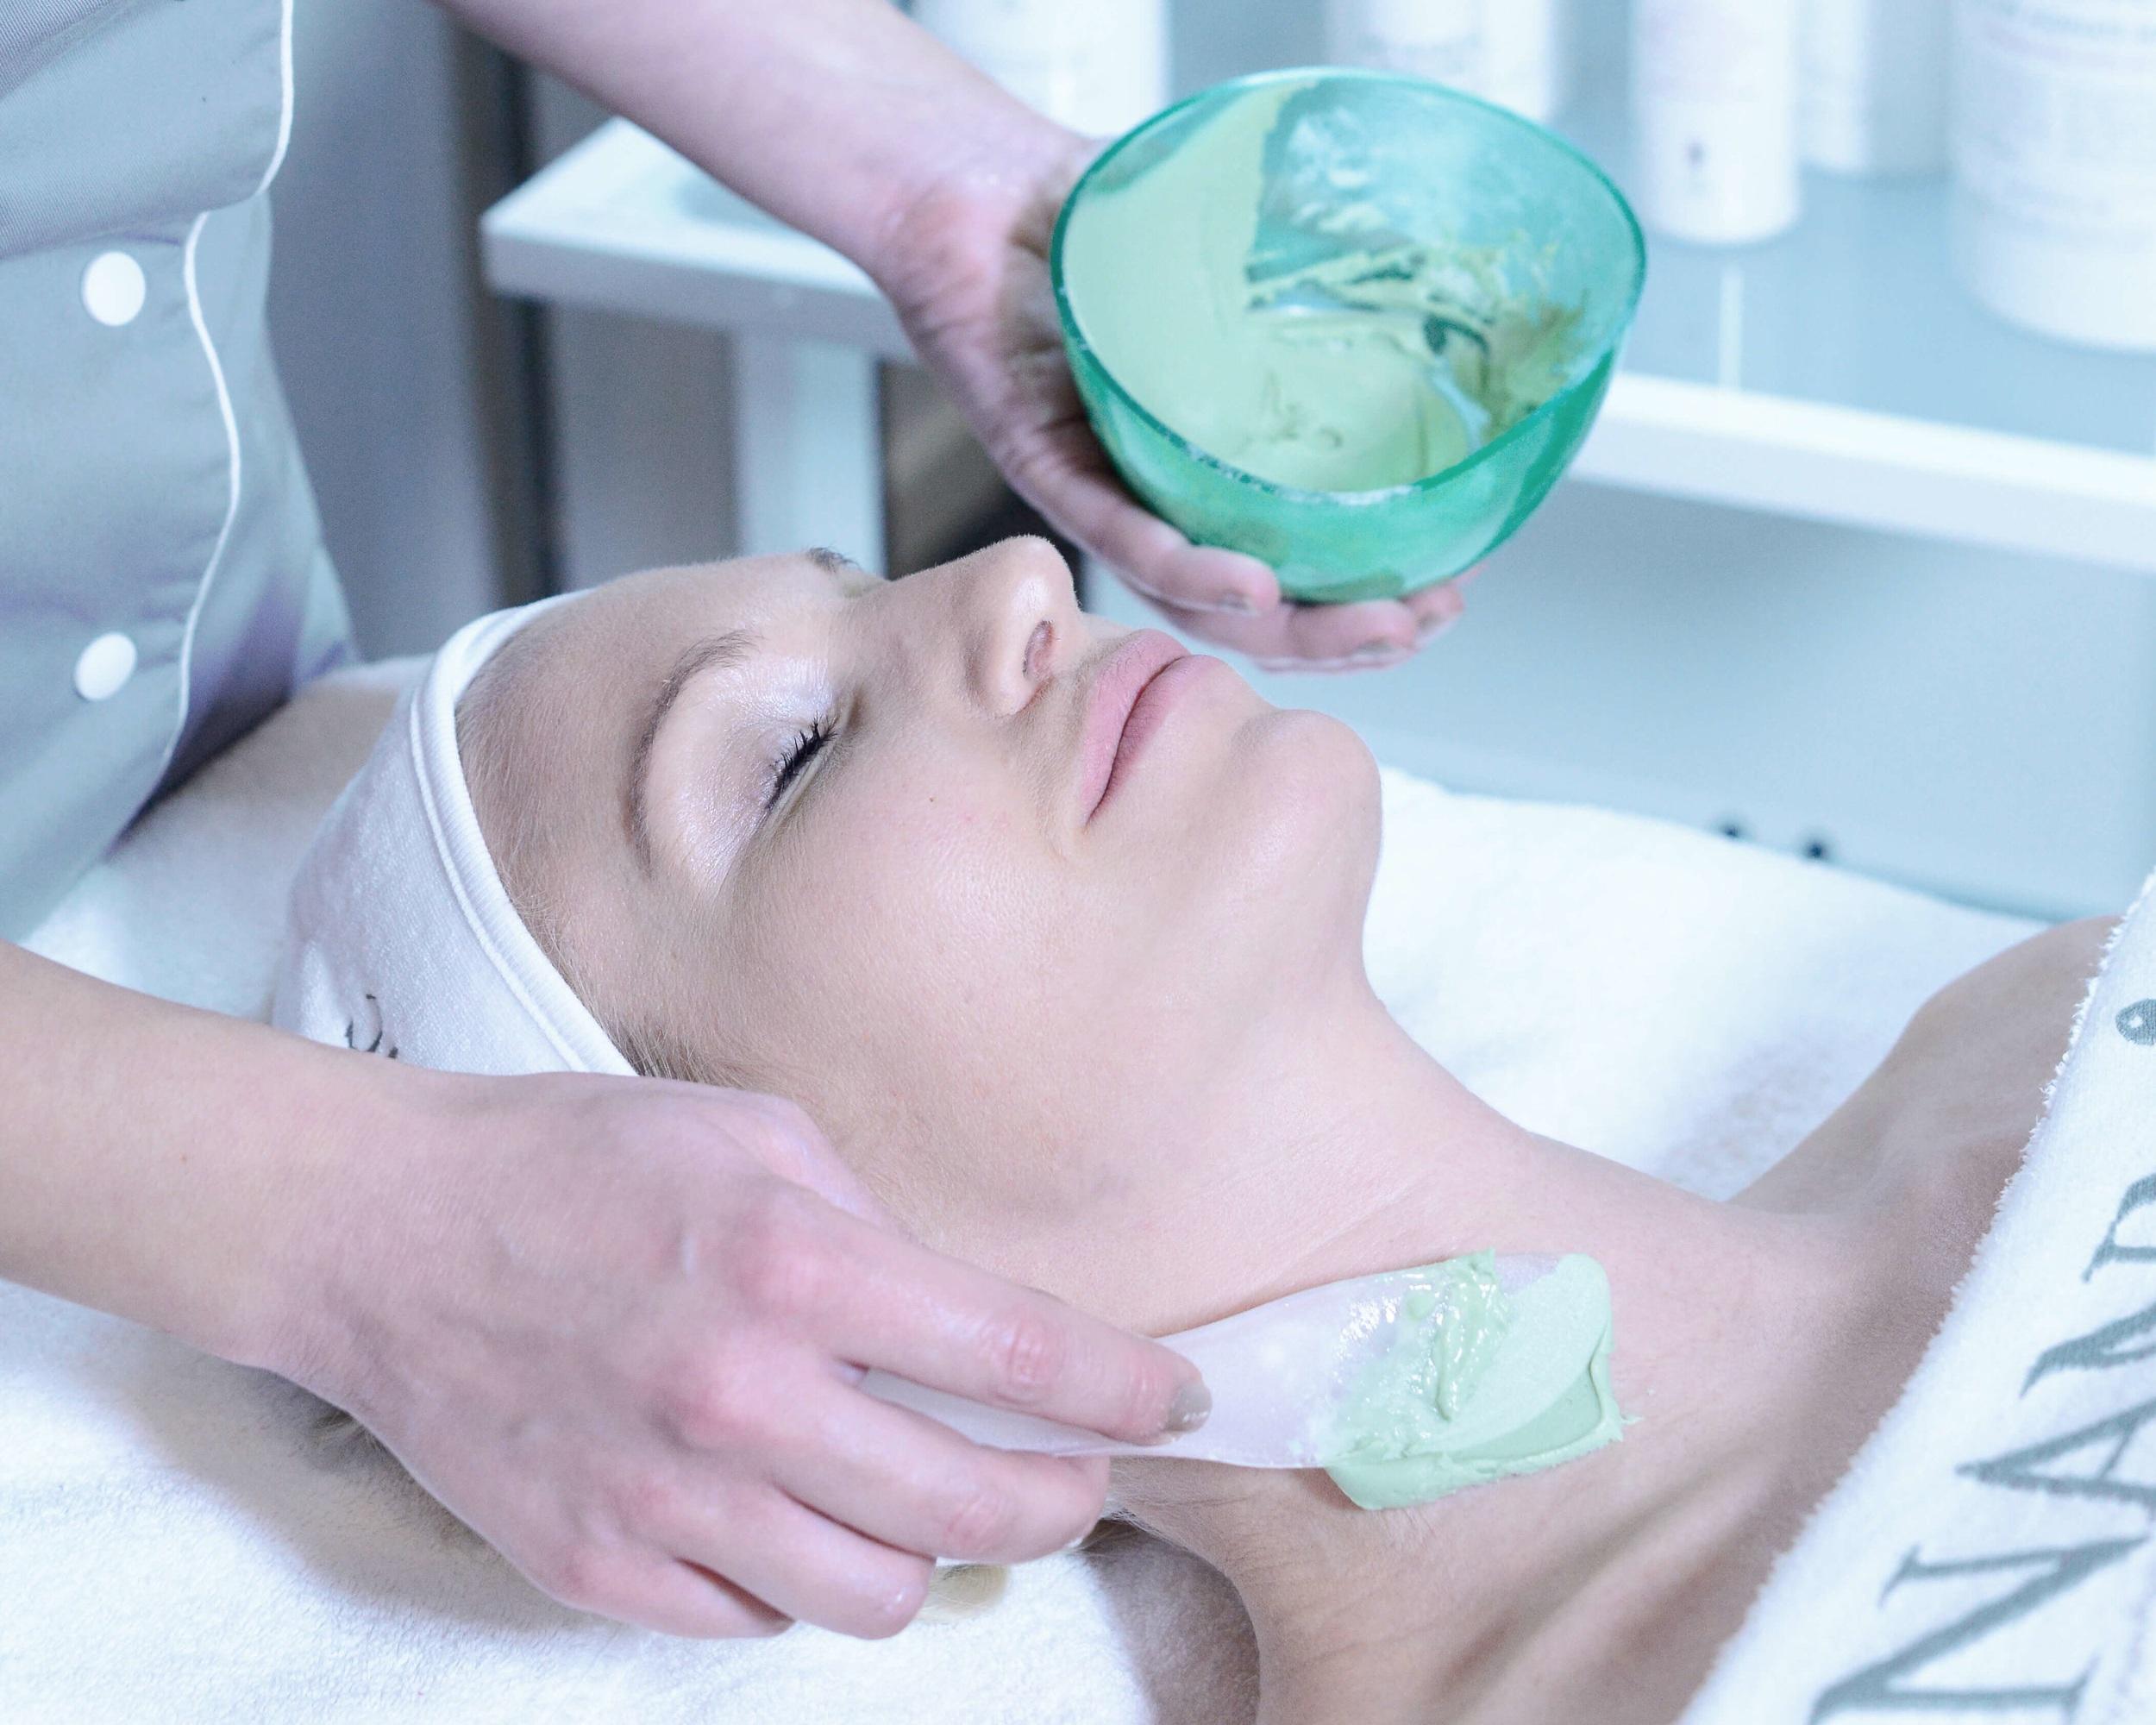 MITÄ HOIDETAAN? - Nannic Premium radiofrekvenssillä saamme tuloksia seuraavissa ihon haasteissa: ihon veltostuminen, kasvojen valahtaminen, poskipäiden valahtaminen, kaksoisleuka, hamsterinposket, silmäpussit, juonteet, rypyt, silmänympärysihon juonteikkuus, ihon epätasainen väri, tulehdukset, akne, eloton iho, harmaa iho, couperosa ja rosacea.Hoidolla saadaan myös hyviä tuloksia vartalon ongelmakohtiin kuten selluliittiin ja venymäjälkiin.